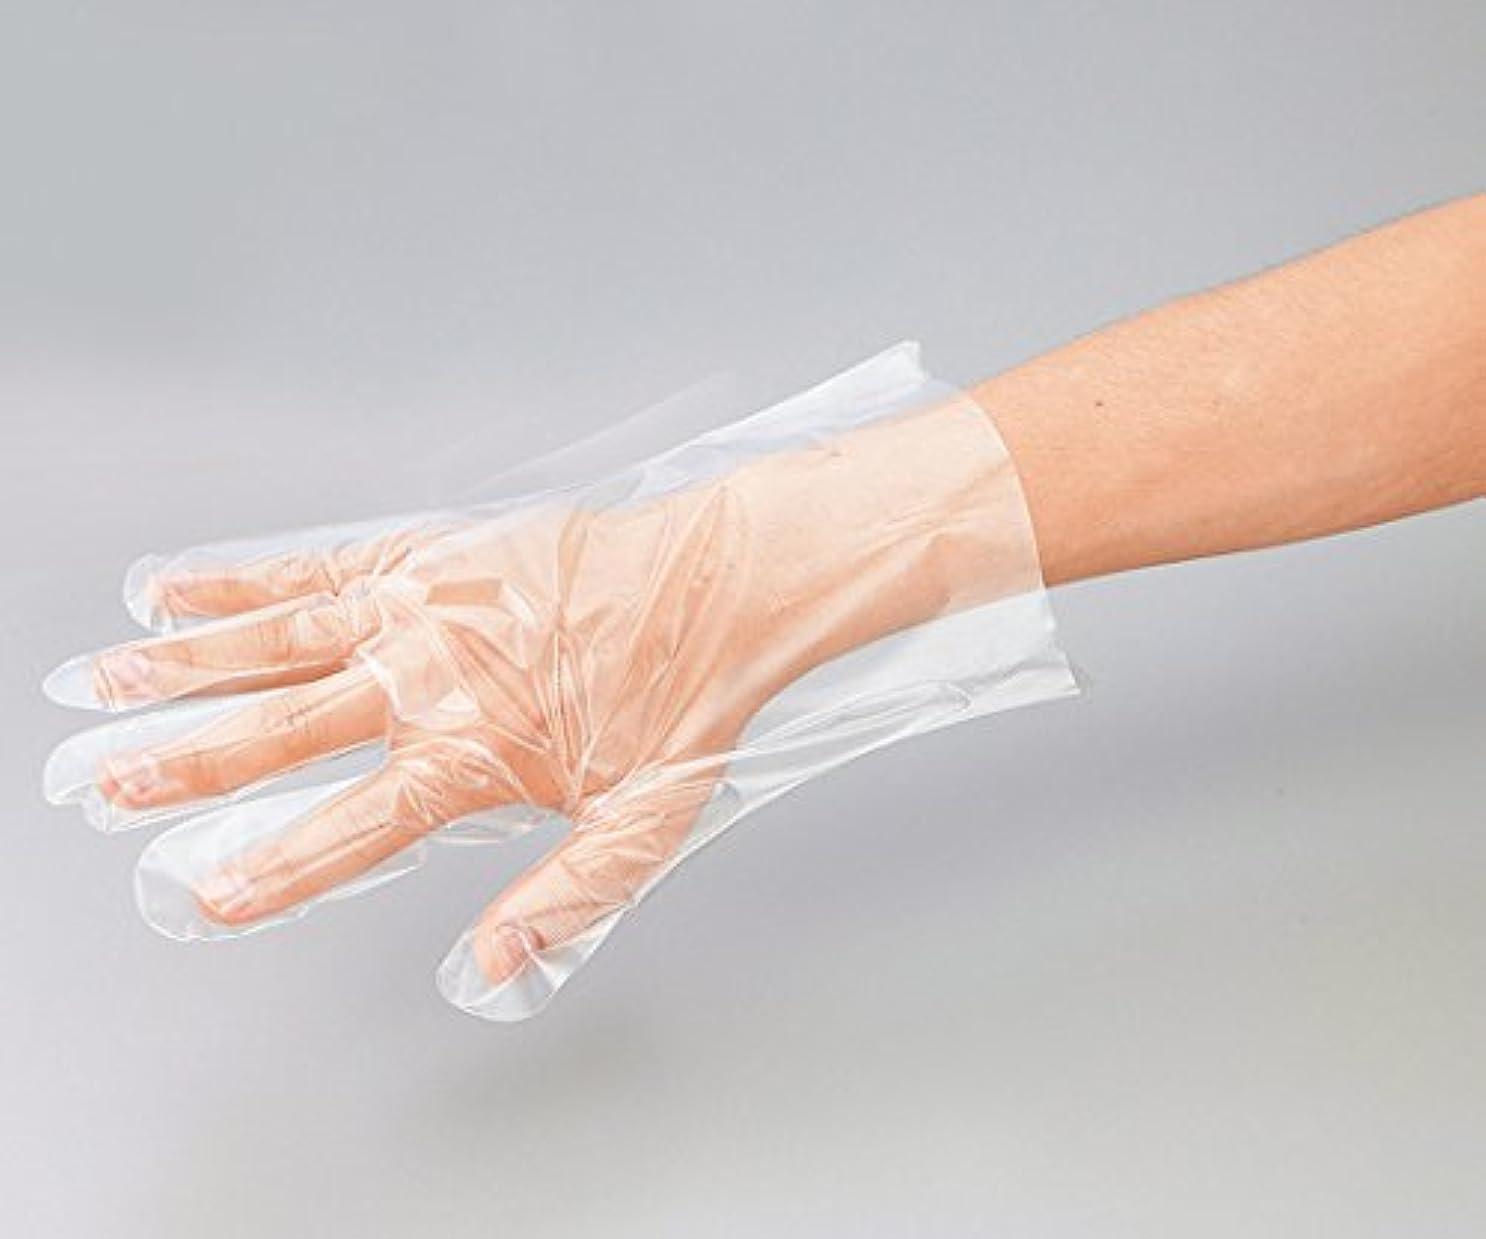 思い出カジュアルヘアプロシェア ポリエチレン手袋 エンボス無 L /8-2587-01